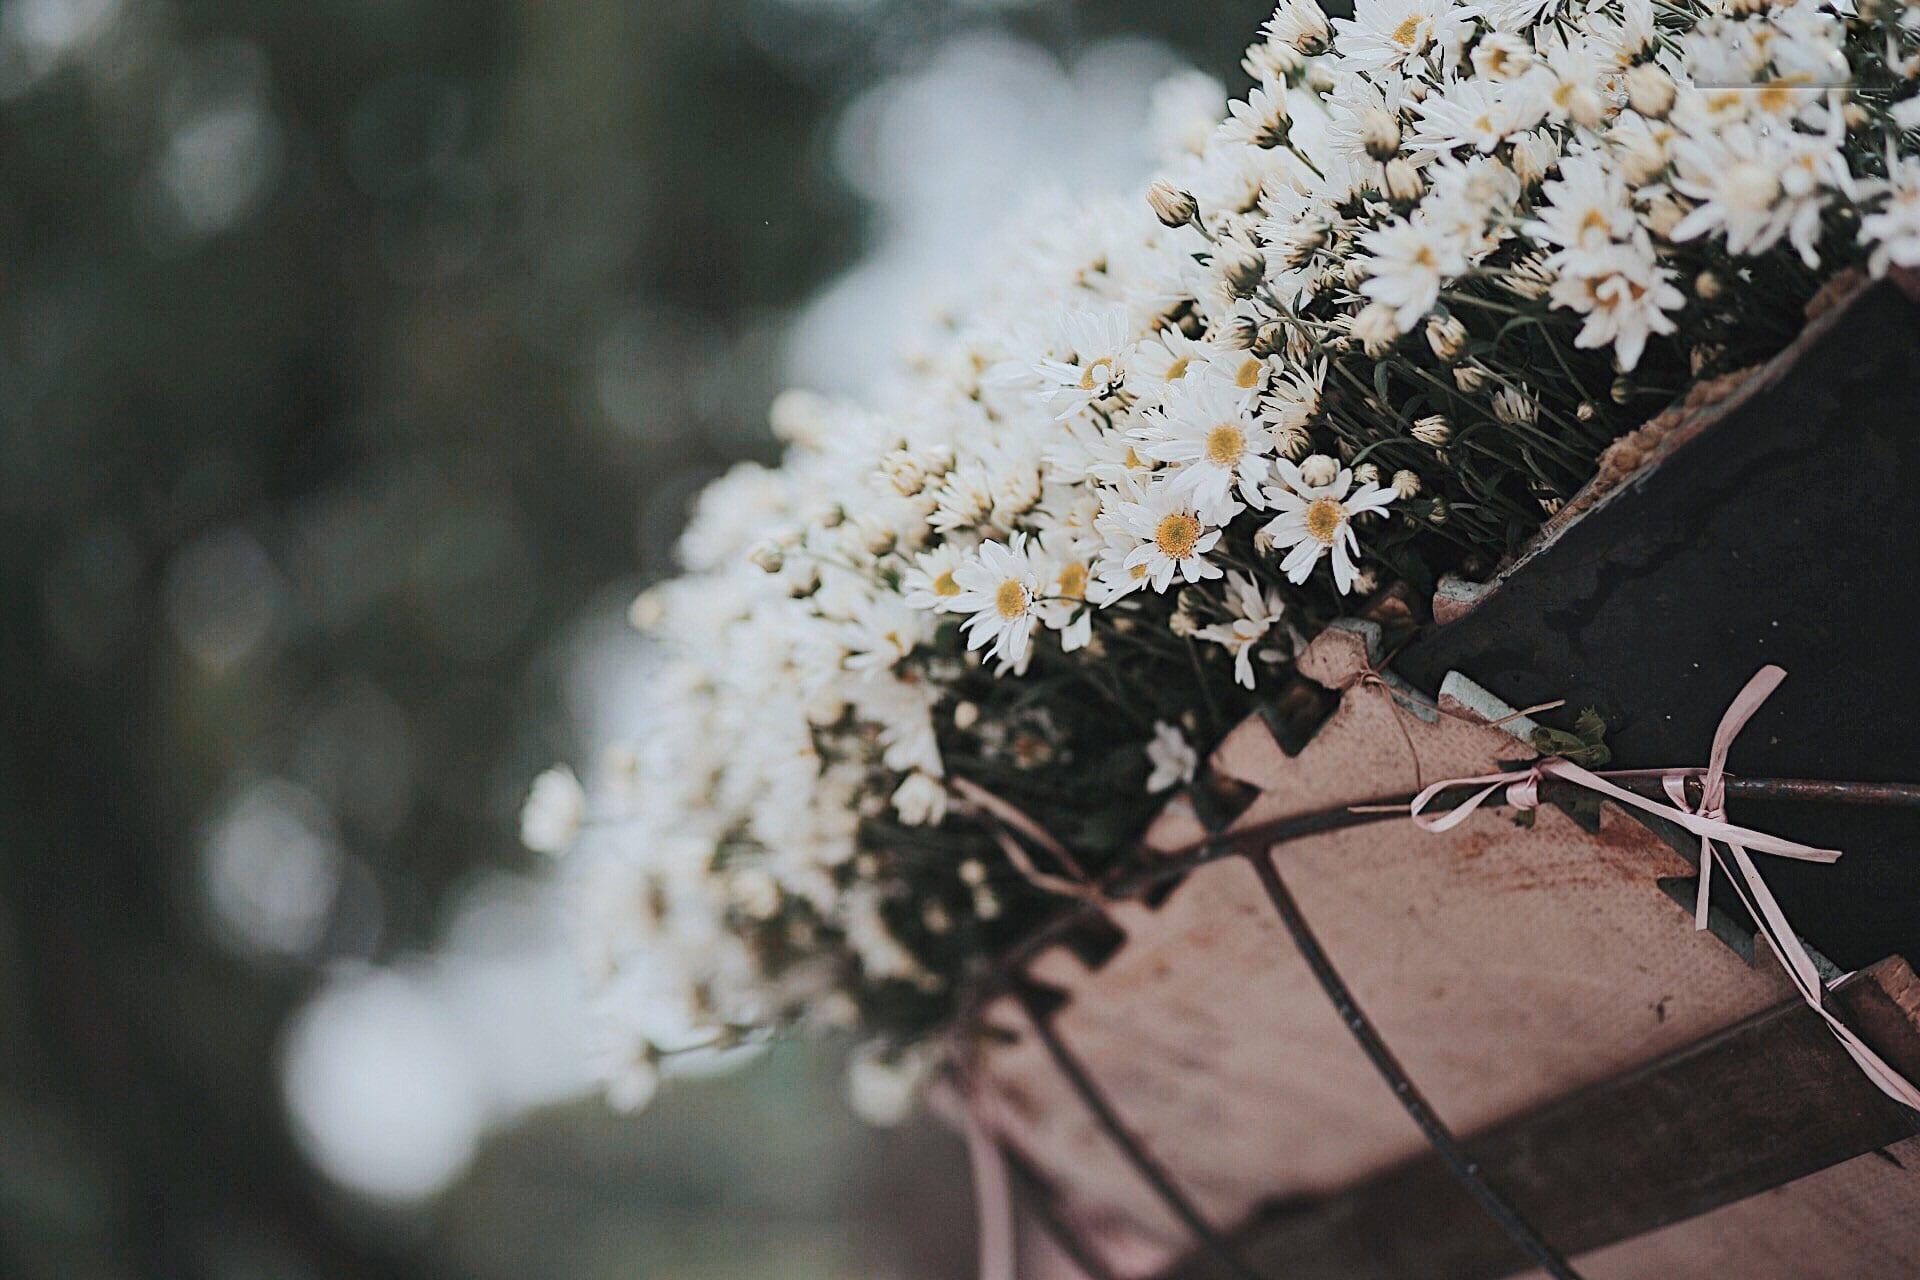 cúc họa mi, mùa thu hà nội, cúc họa mi tháng 11, bộ ảnh cúc họa mi, cua so tinh yeu